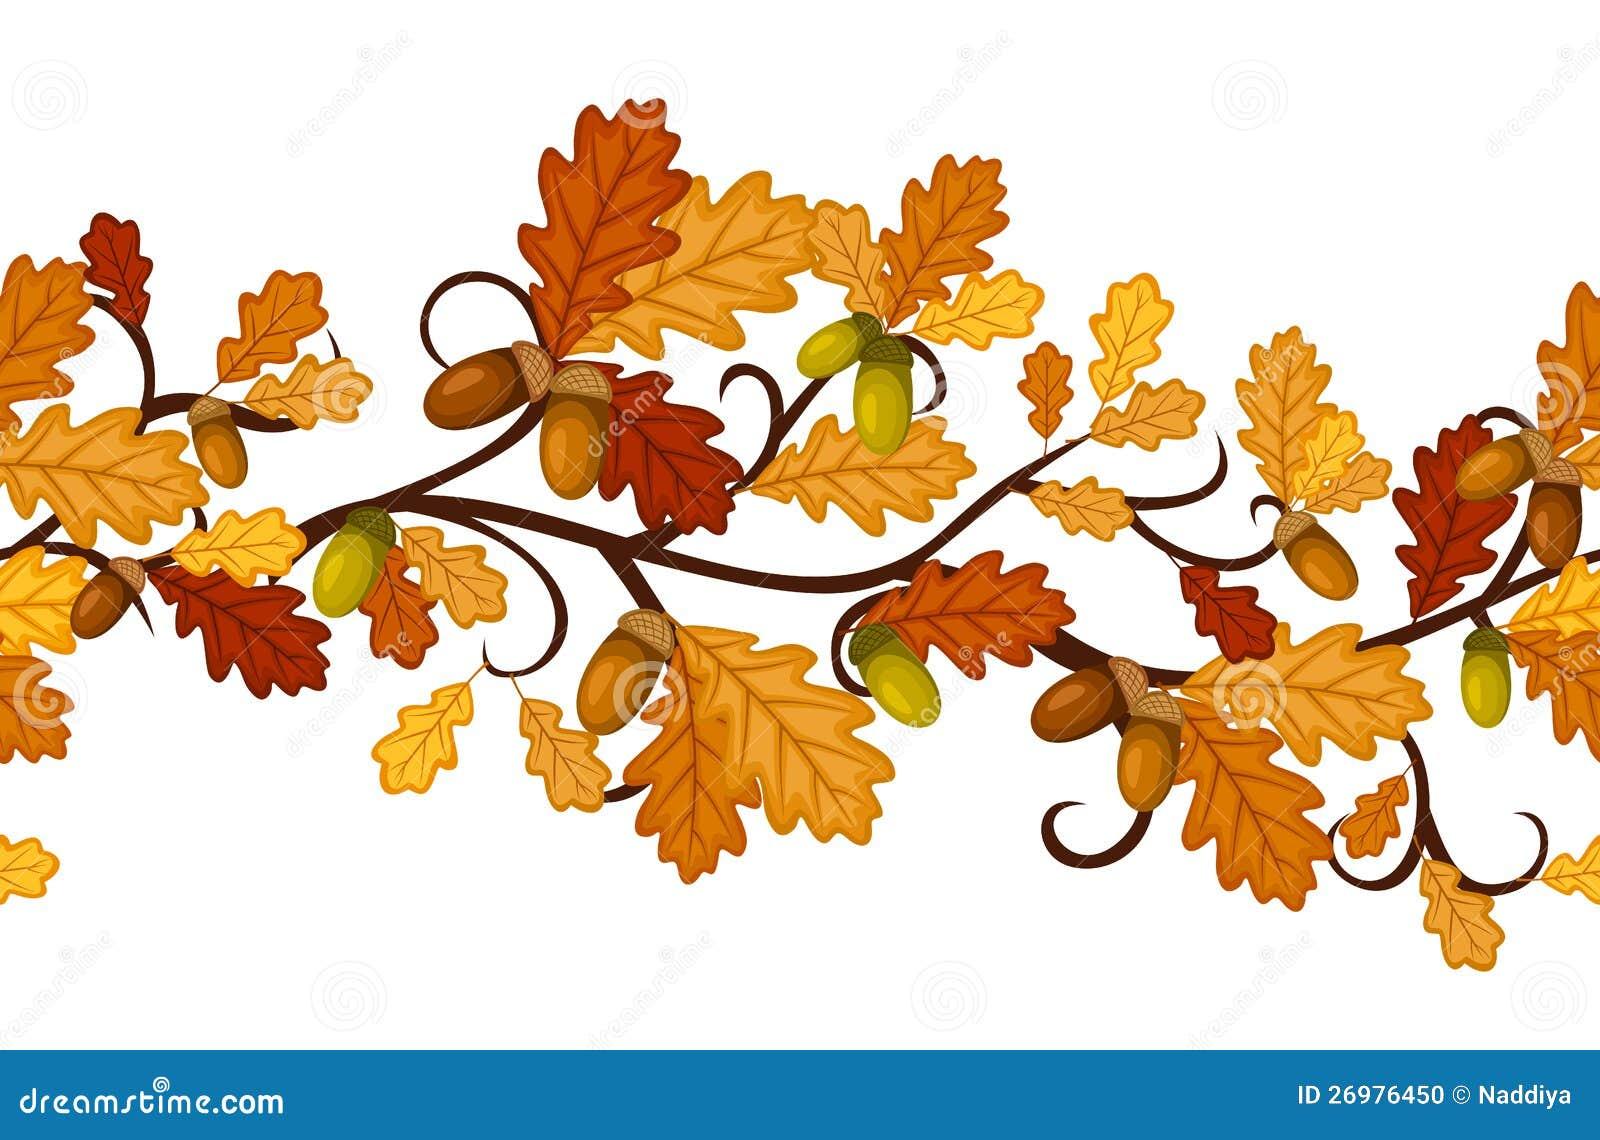 Рисуем на ногтях кленовые листья цветы Пошаговые уроки с